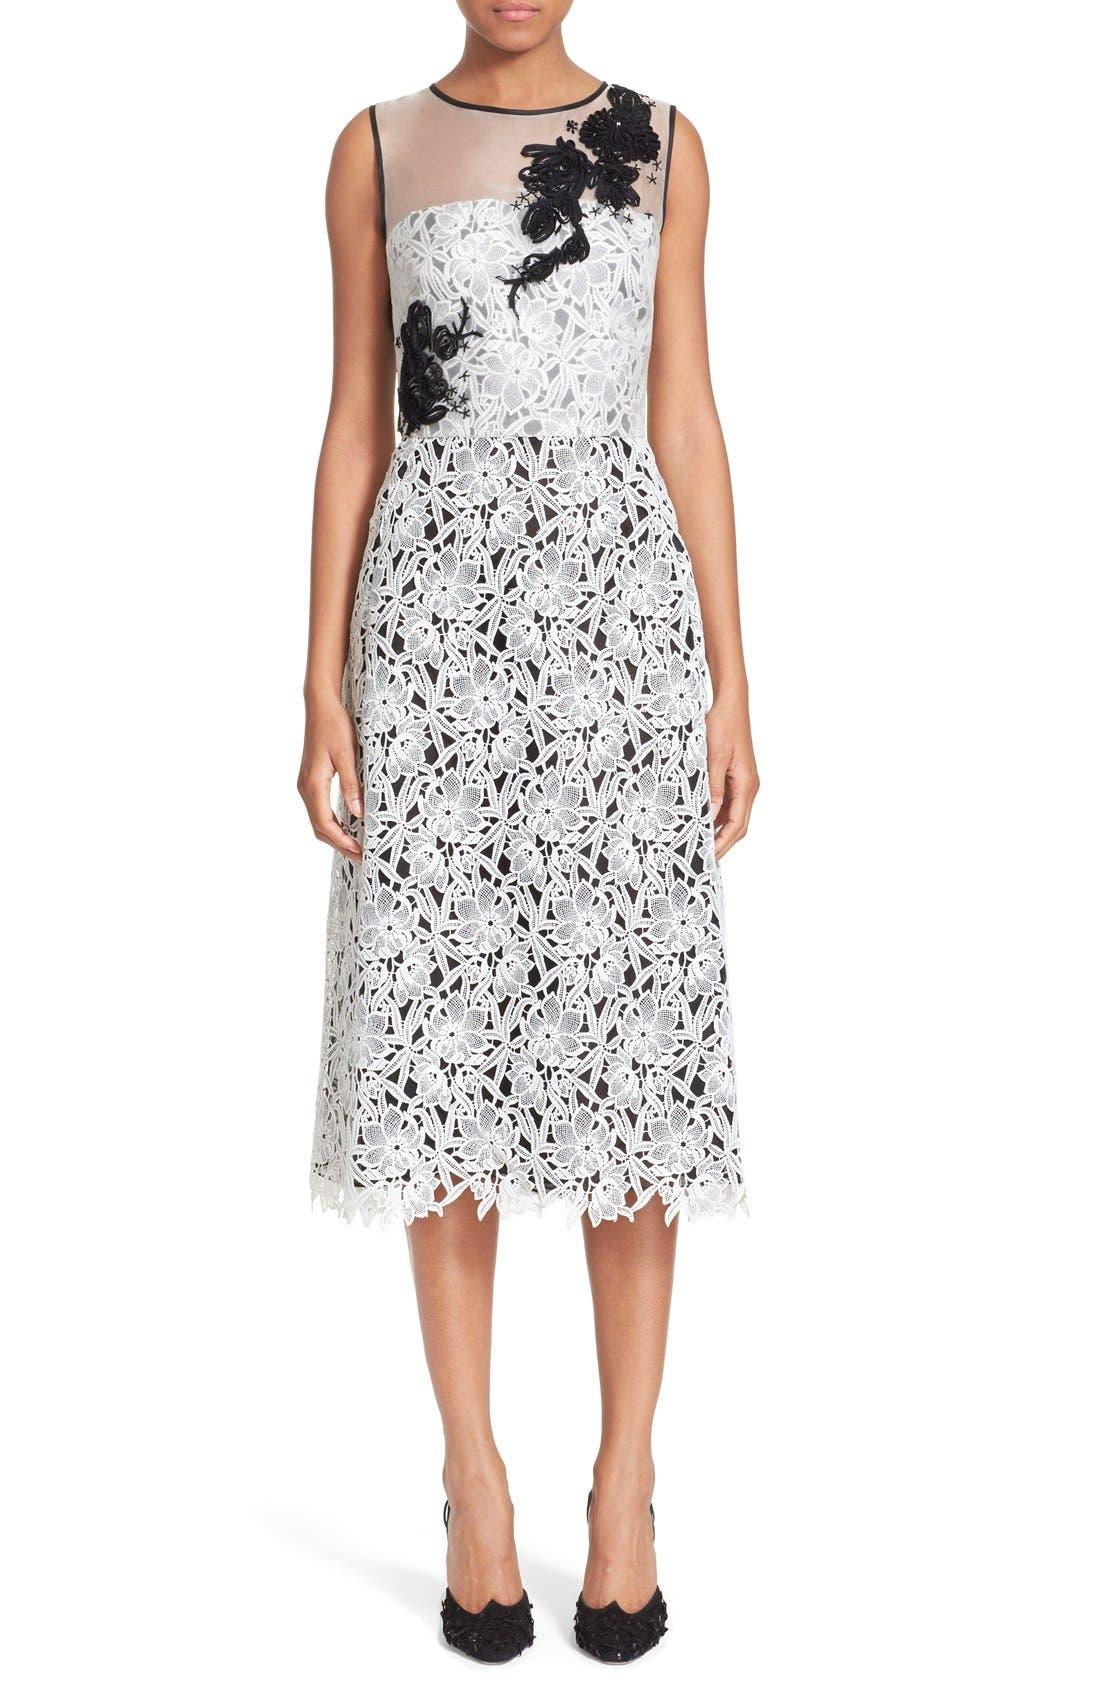 Alternate Image 1  - Oscar de la Renta Embellished Floral Lace Dress